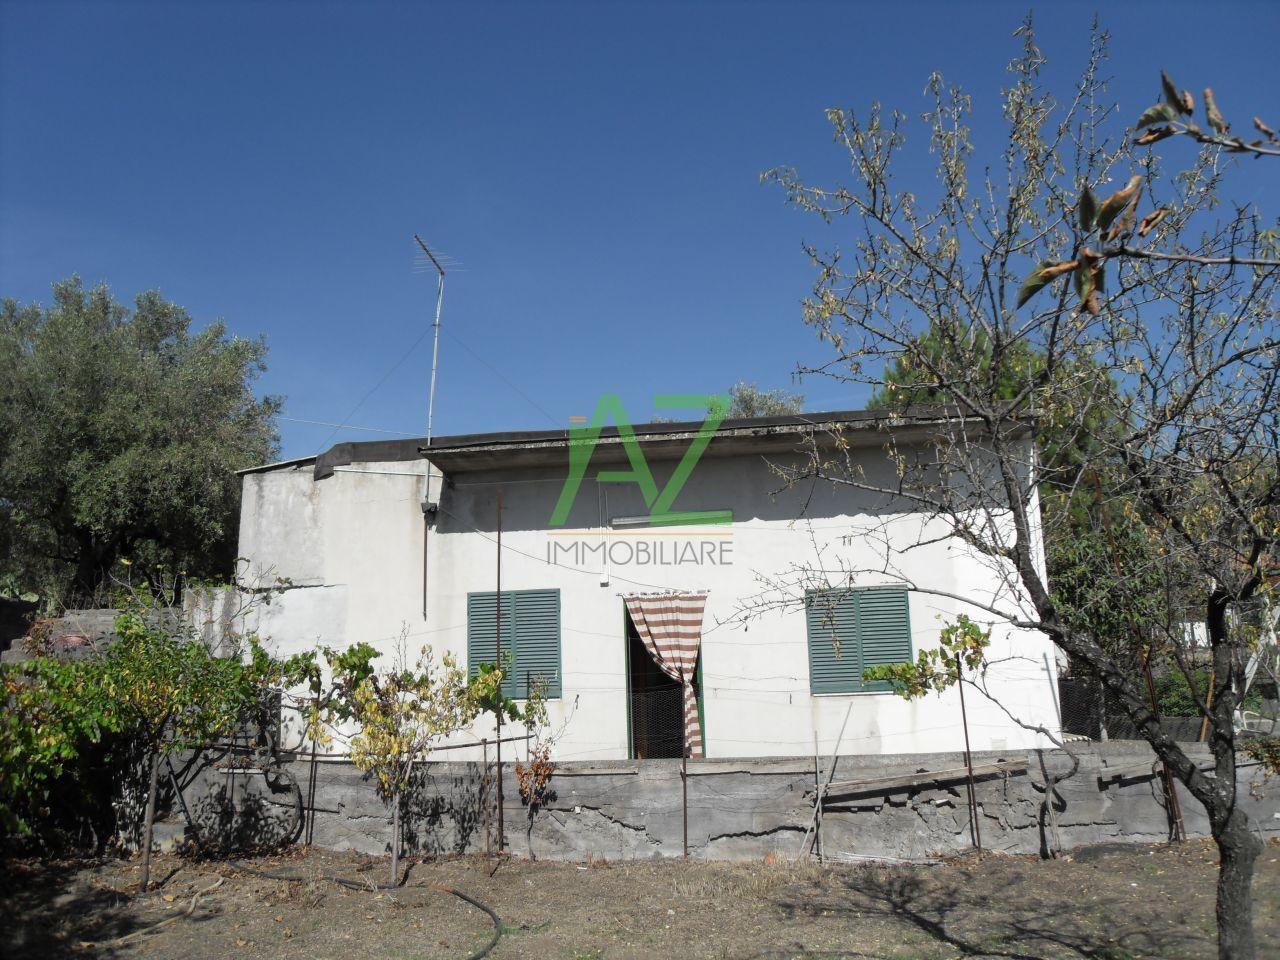 Soluzione Indipendente in vendita a Belpasso, 3 locali, prezzo € 75.000 | Cambio Casa.it